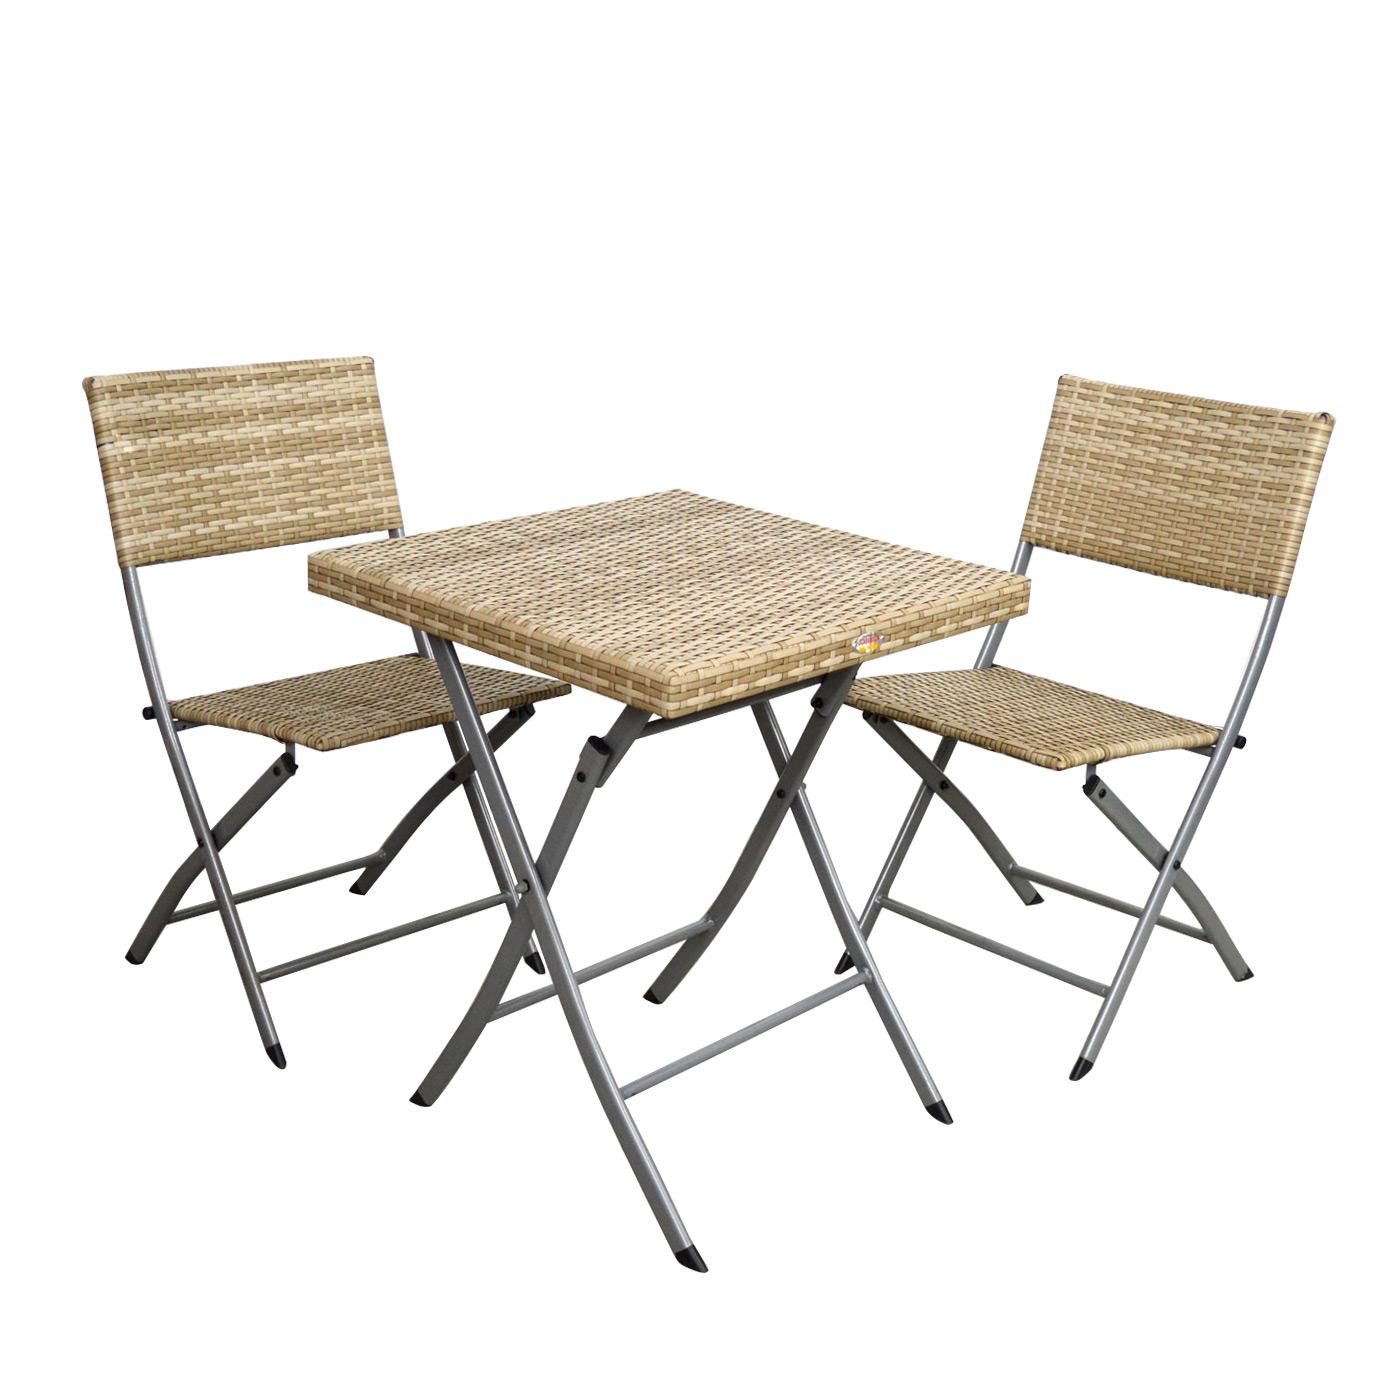 Scaramuzza Tavoli Da Giardino.Set Tavolo 60x60 E 2 Sedie Rattan E Ferro Easy Scaramuzza